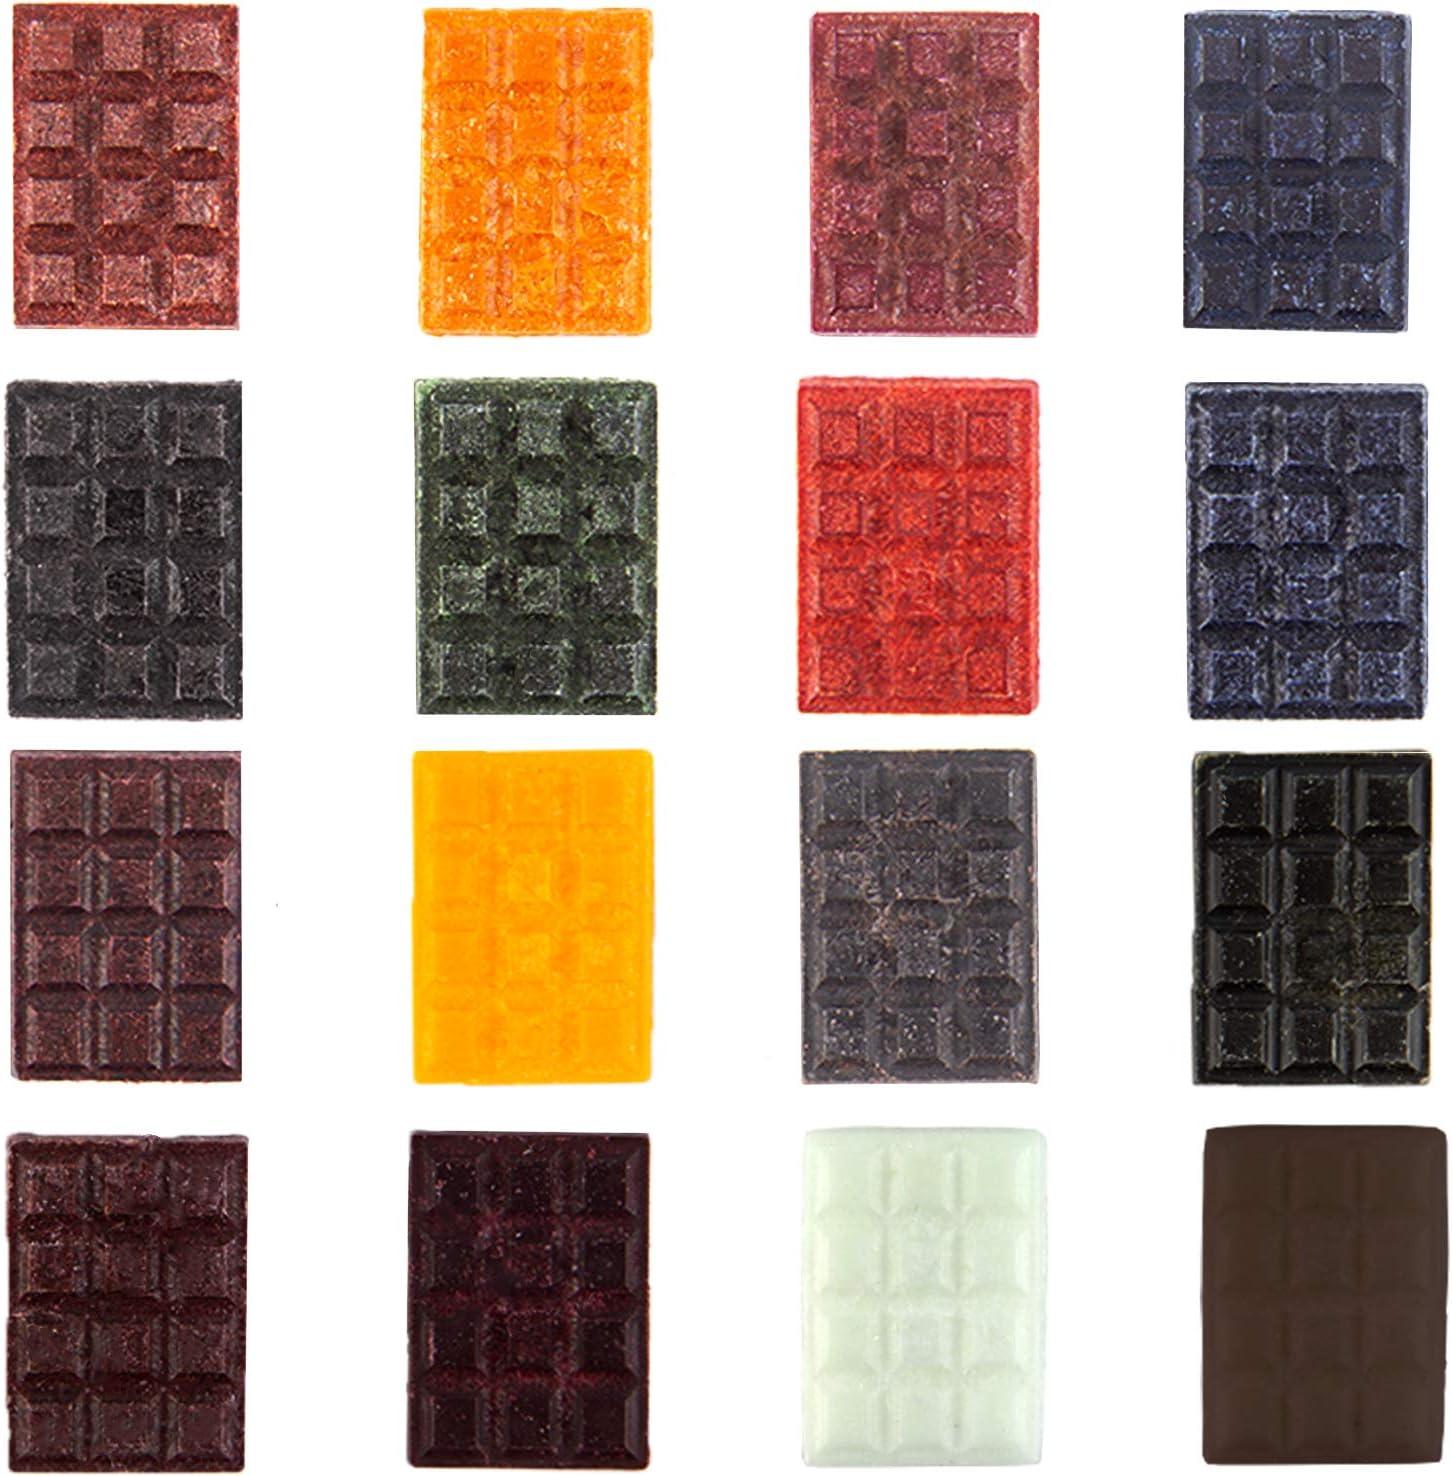 LUTER 16 Piezas Copos De Tinte Para Velas, 60 g De Tintes De Soja Para Velas, Para Suministros De Fabricación De Velas De Colores y Perfumadas (16 ...